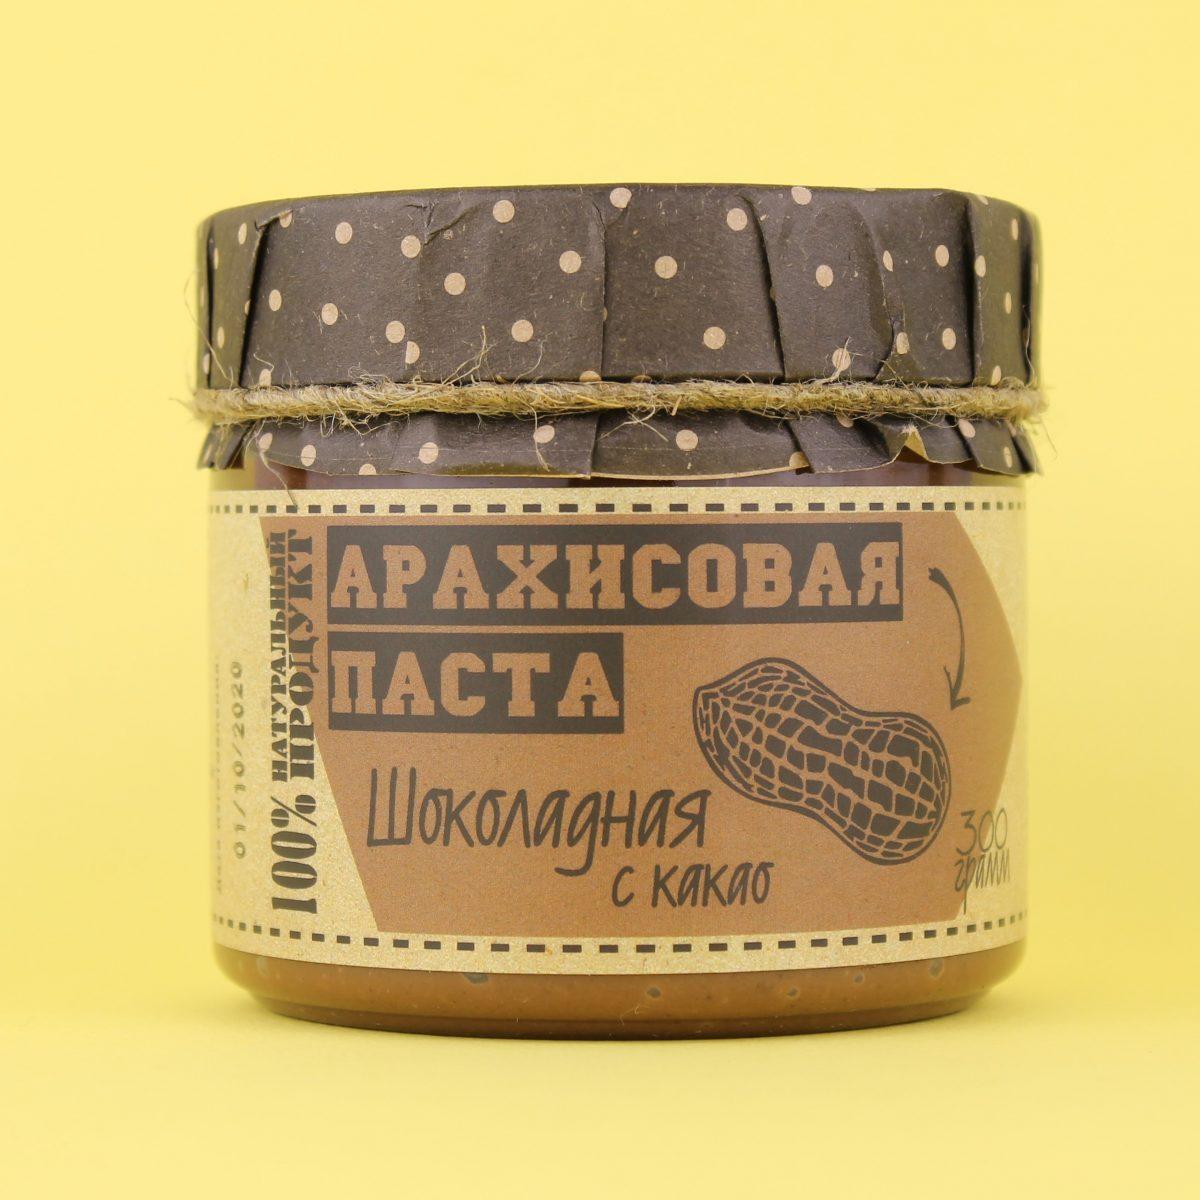 Паста арахисовая Шоколадная